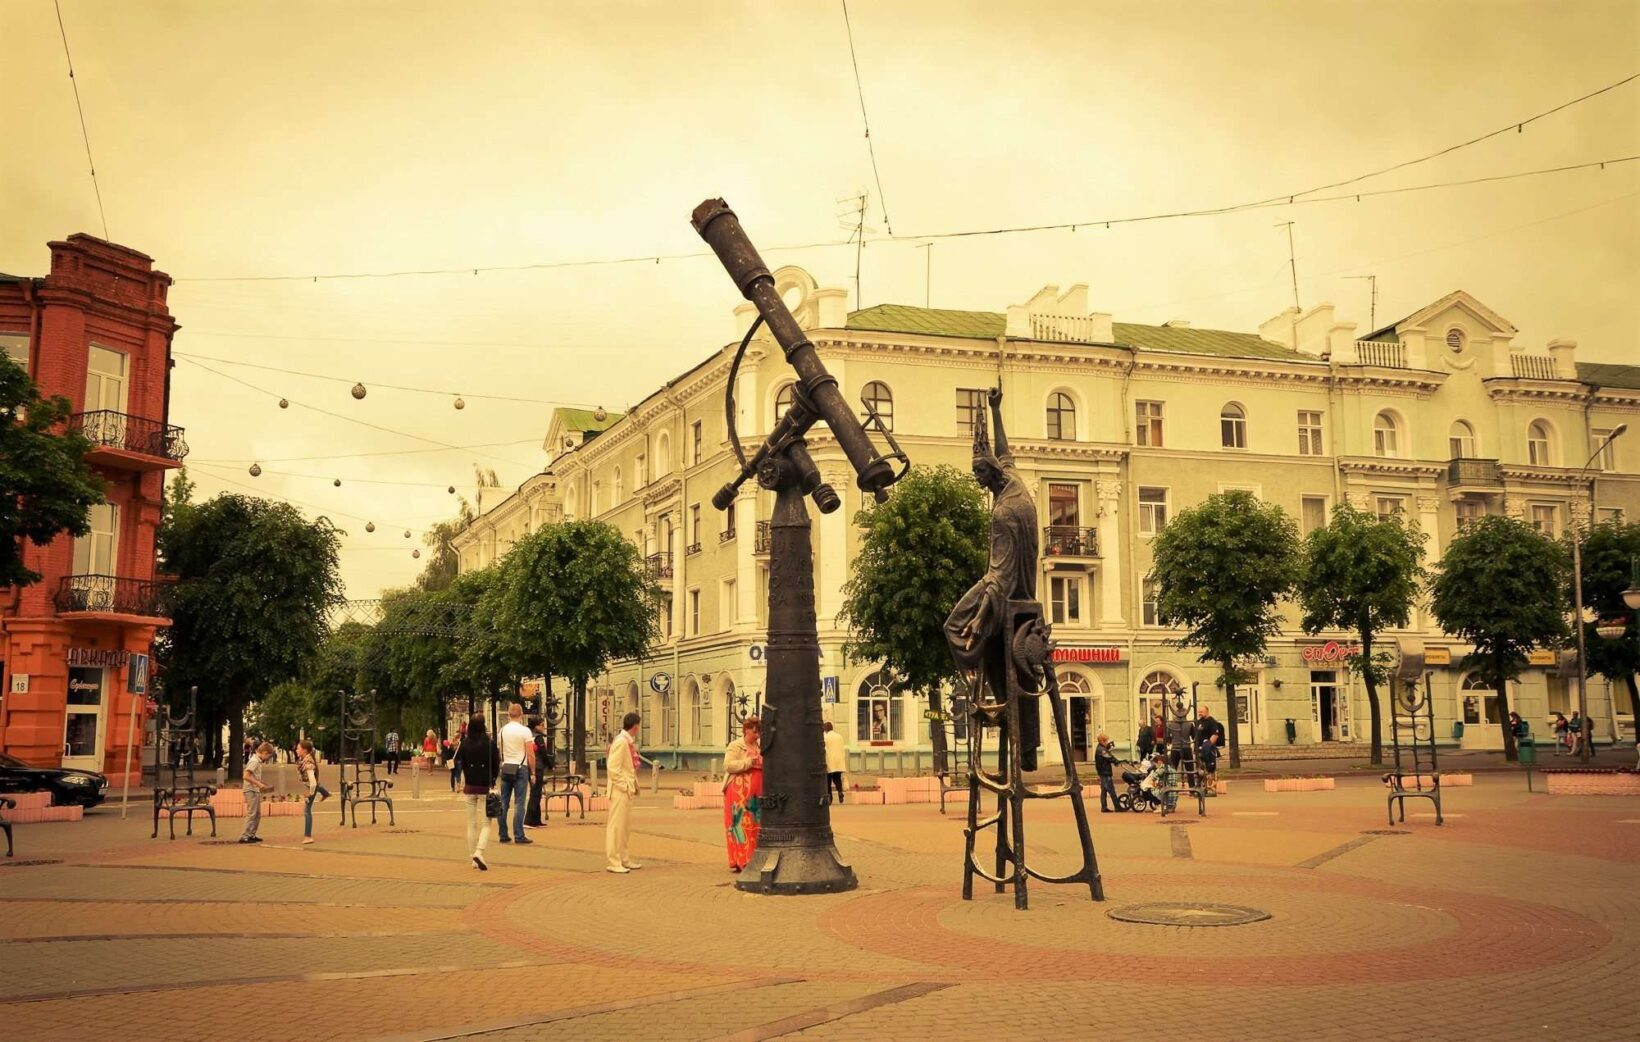 Памятник звездочету на площади